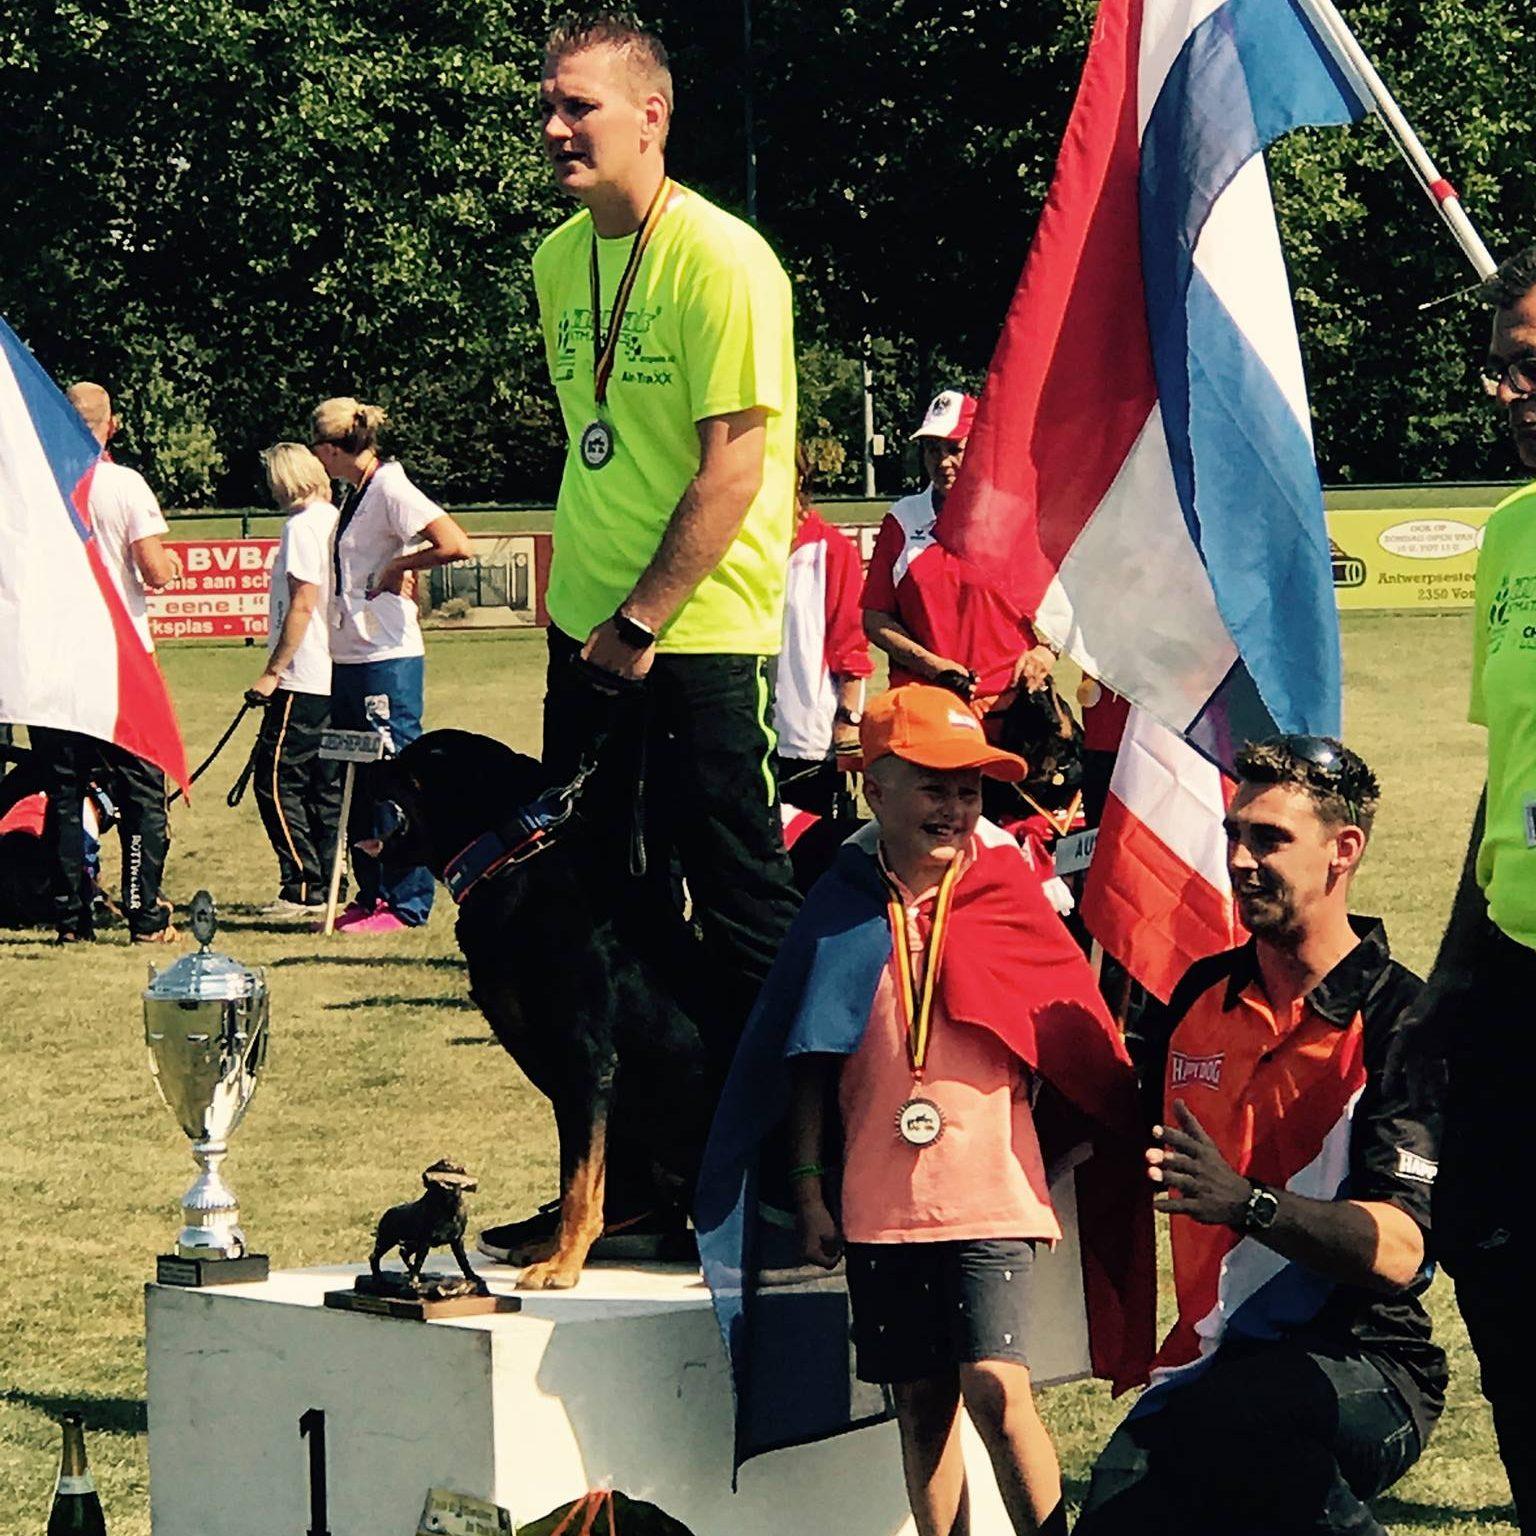 Finn vom Erpenstein IFR Wereldkampioen 2017